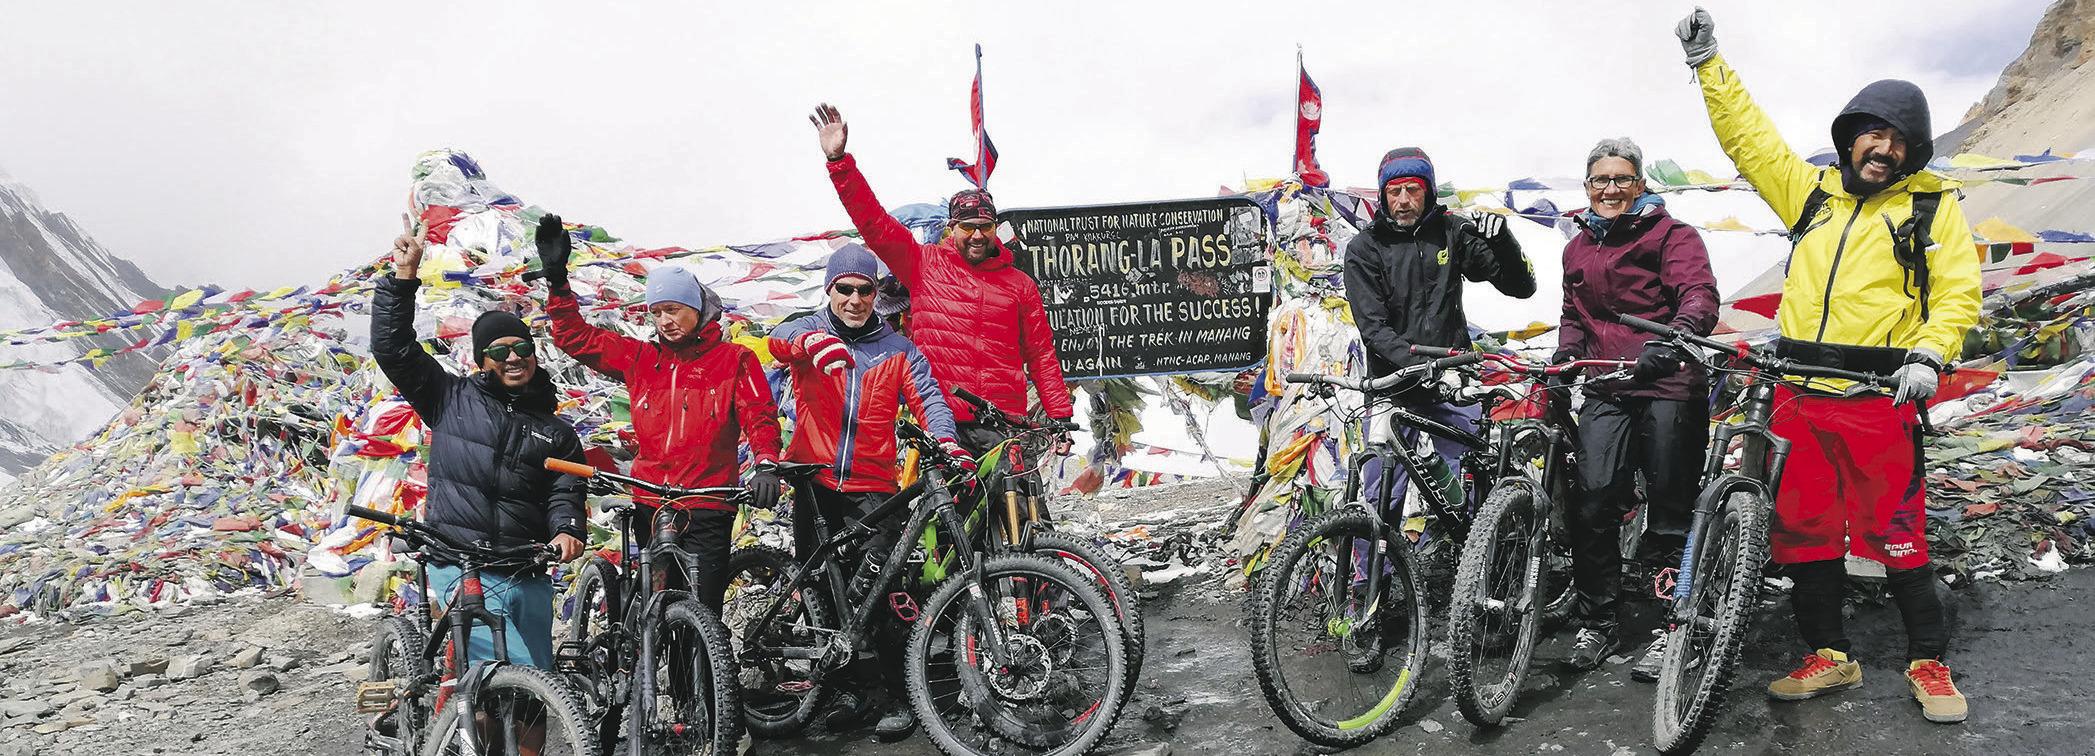 Ybriger Mountainbikegruppe auf dem höchsten Pass der Welt